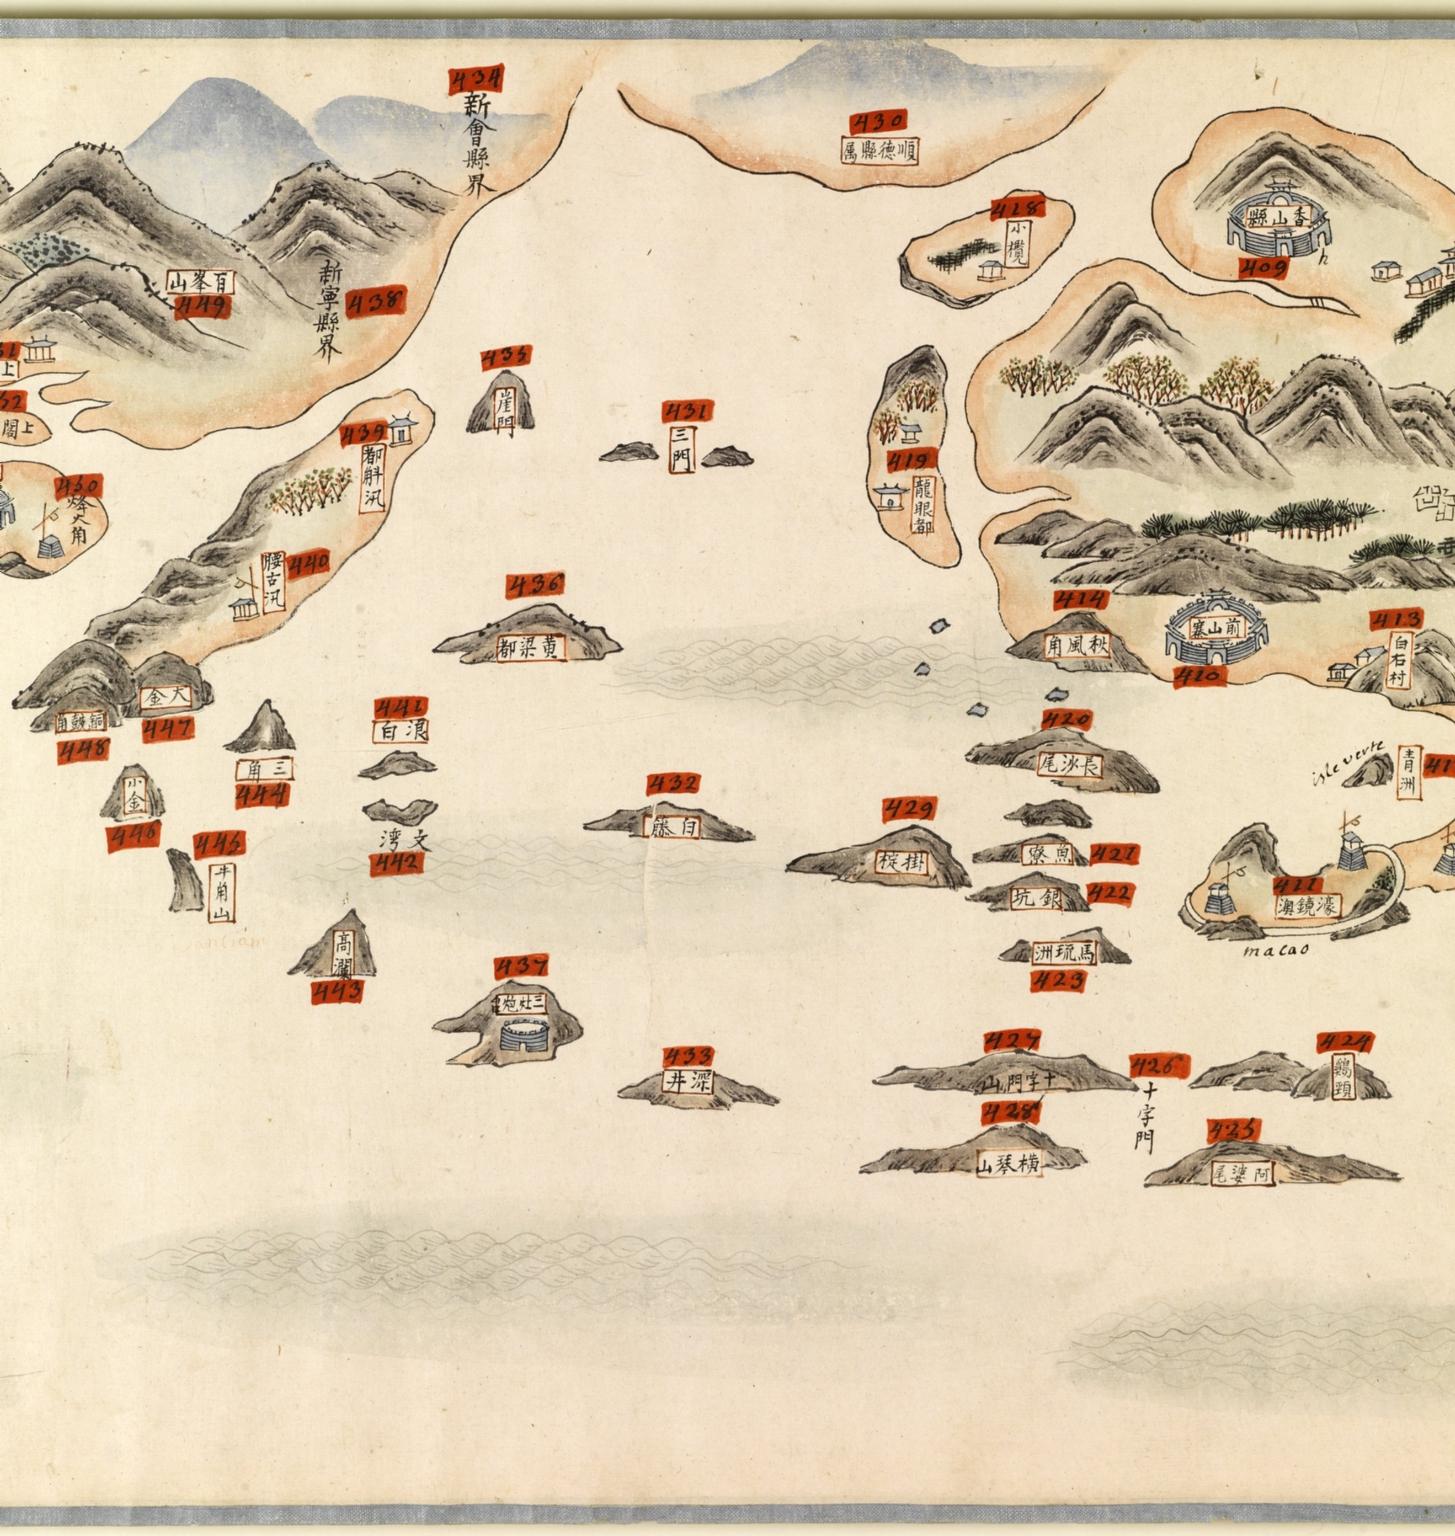 南中國海岸圖 = Carte des côtes sud de la Chine. Part 11